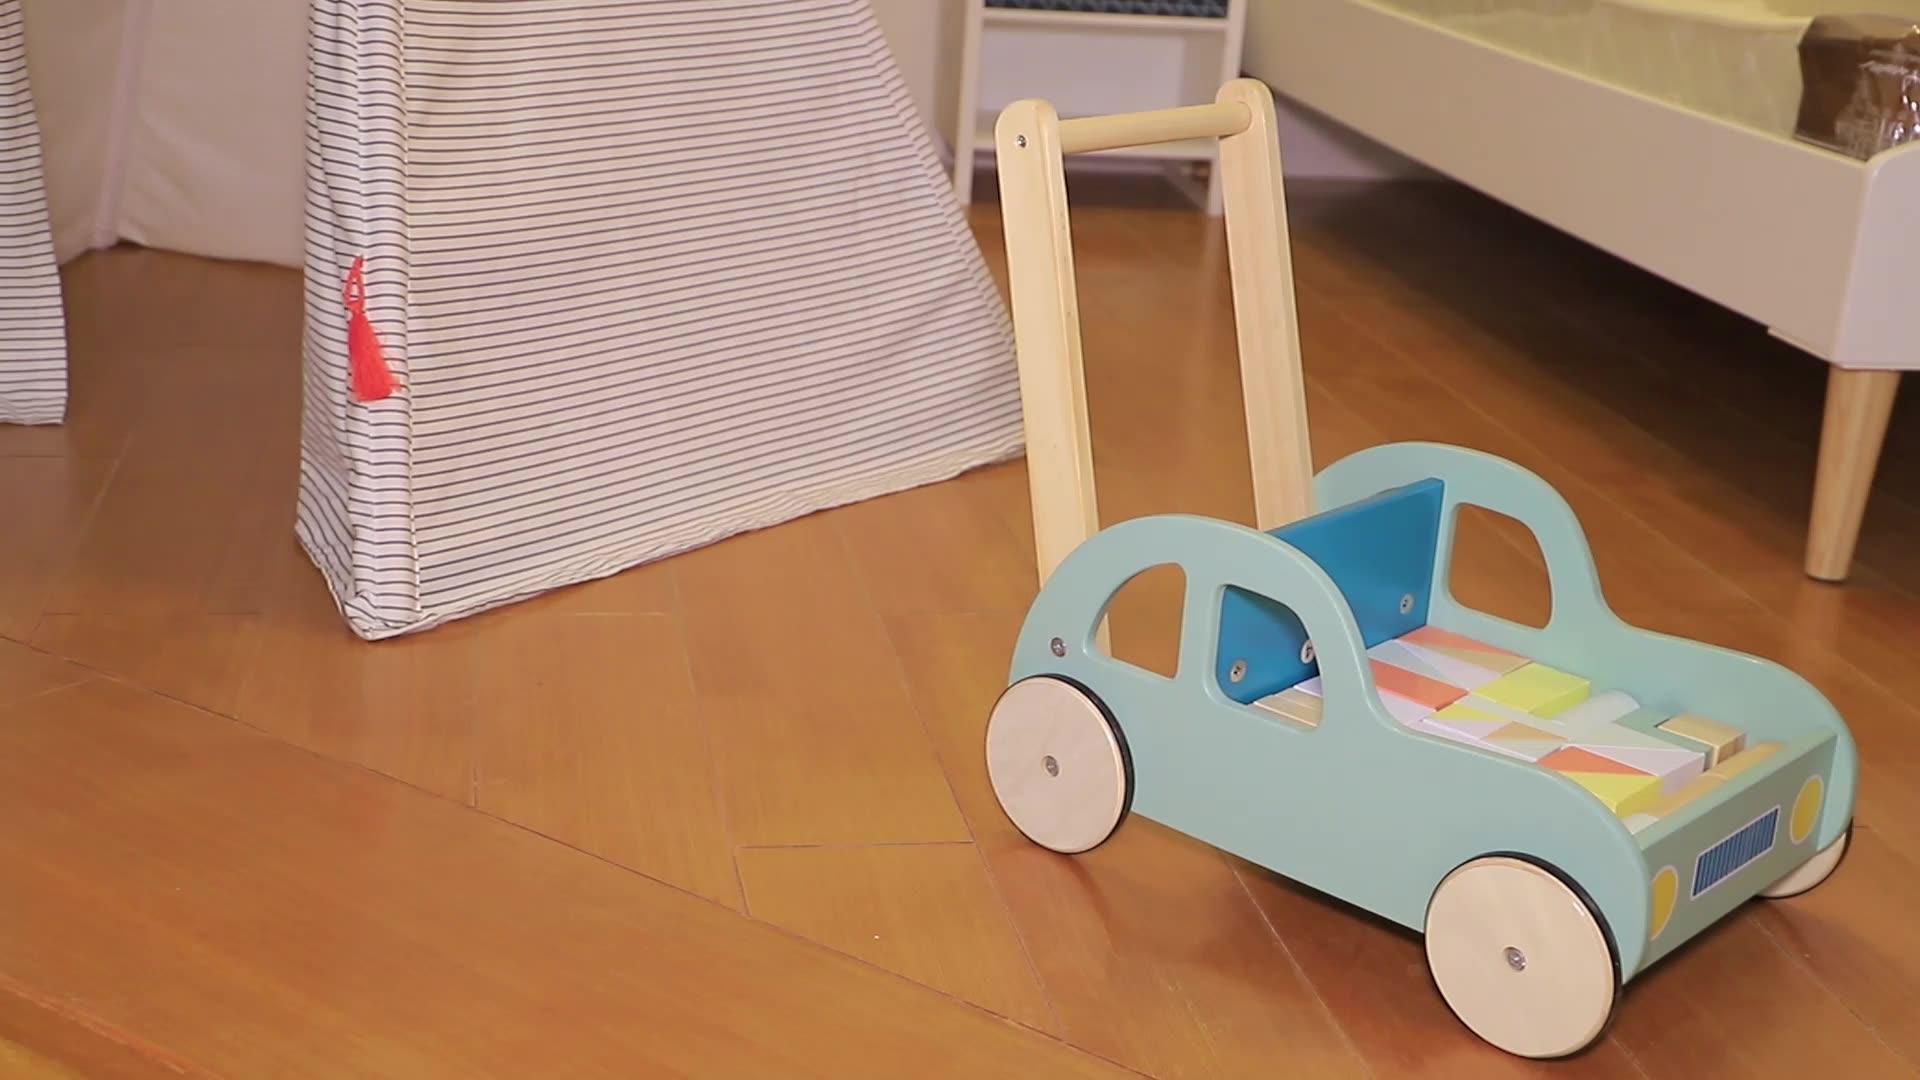 2020 hohe qualität kinderwagen holz fahrt modell roll lernen träger baby holz walker